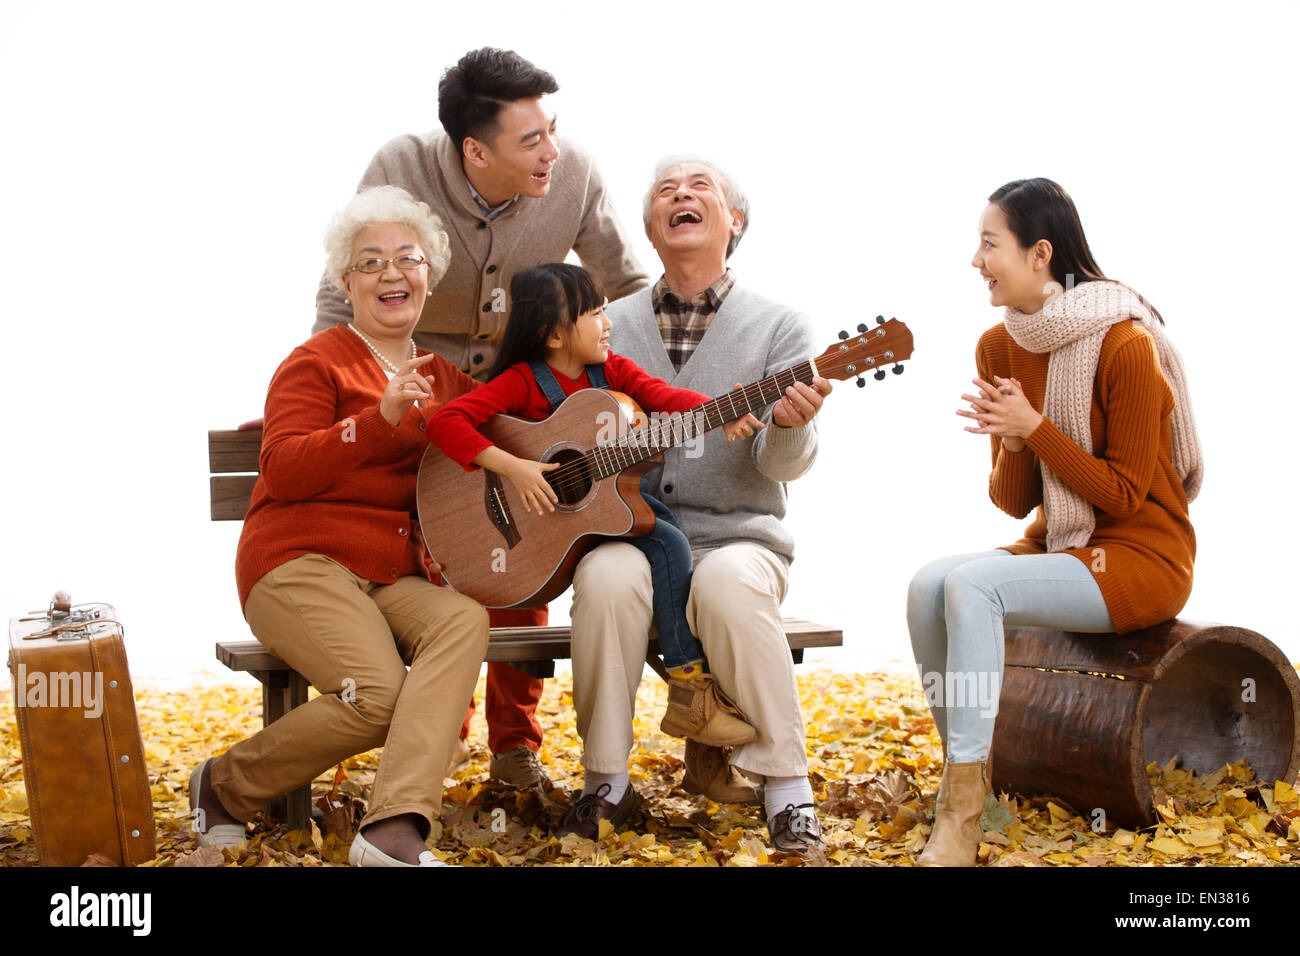 Happy family play outdoors Stock Photo